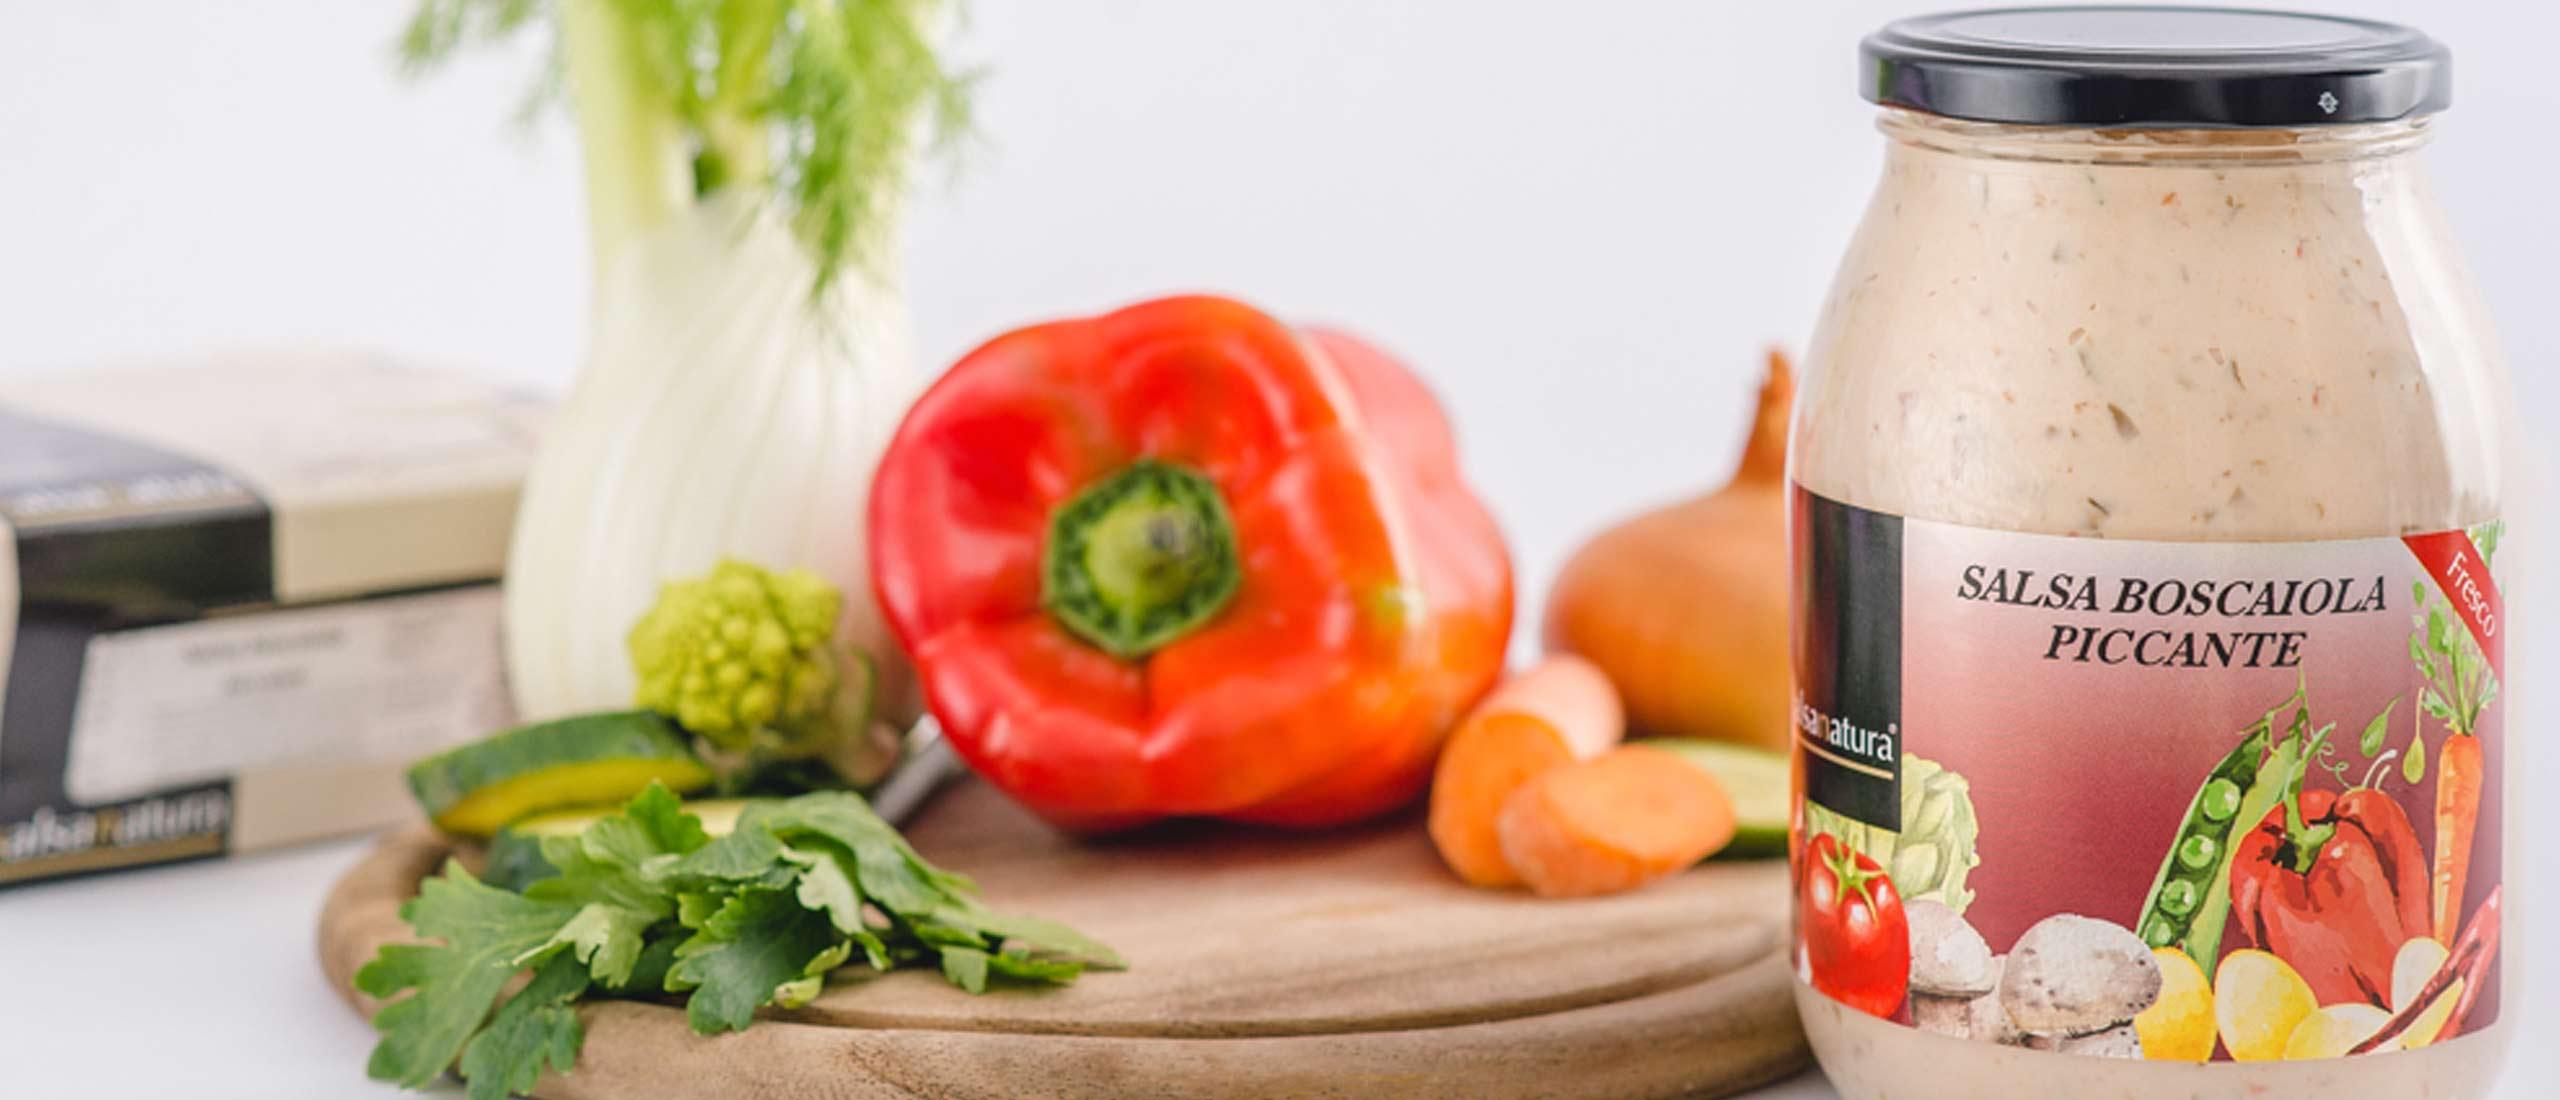 salsa boscaiola piccante head